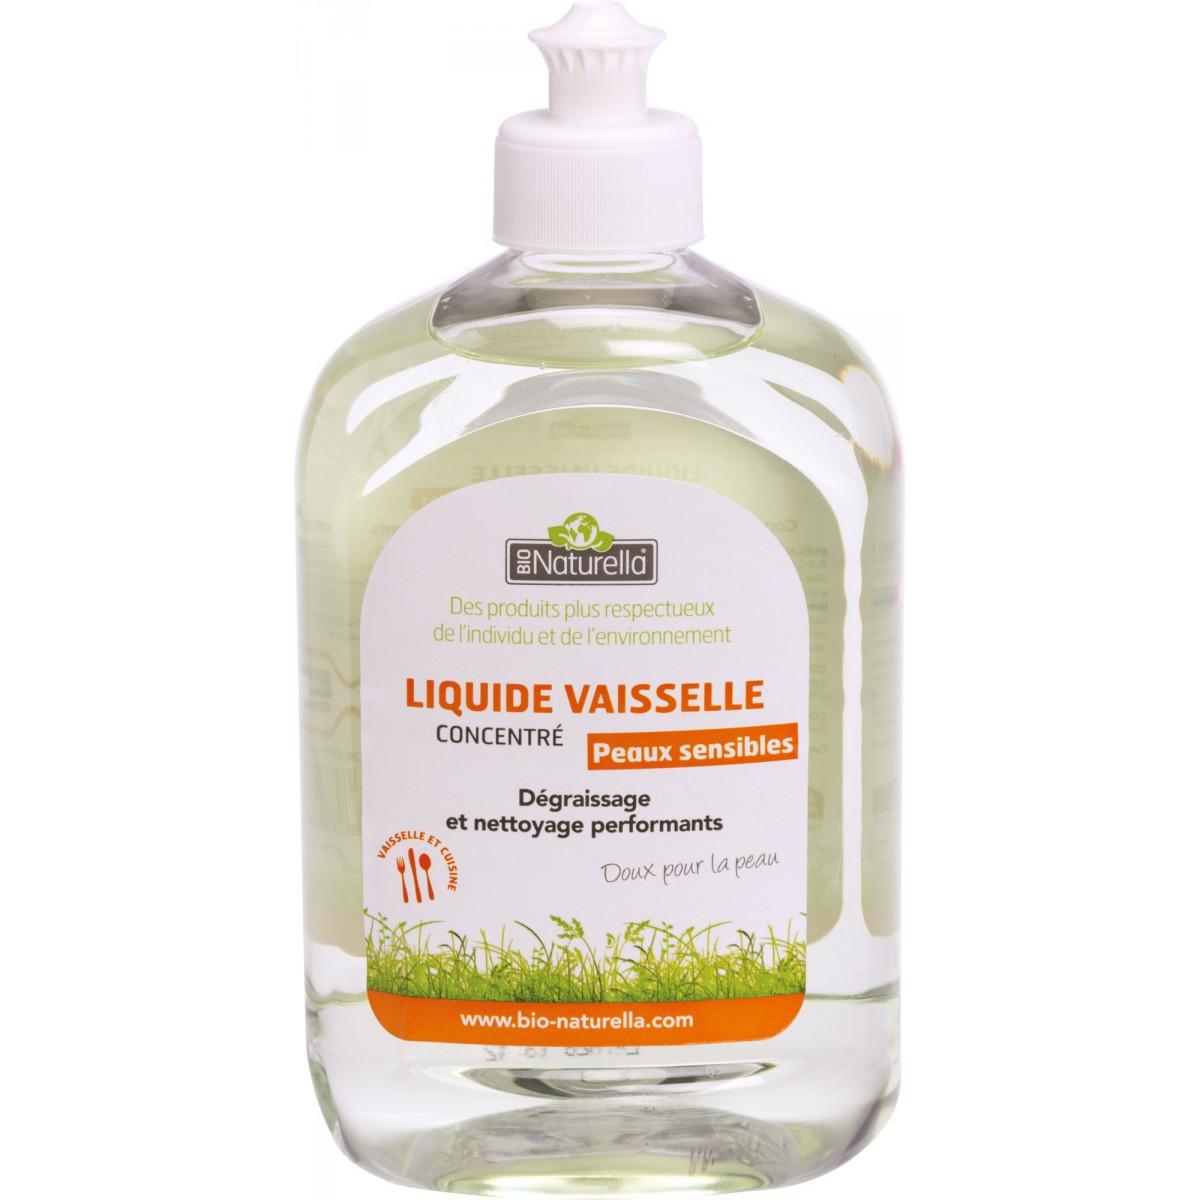 Liquide vaisselle Naturella - Flacon 500 ml